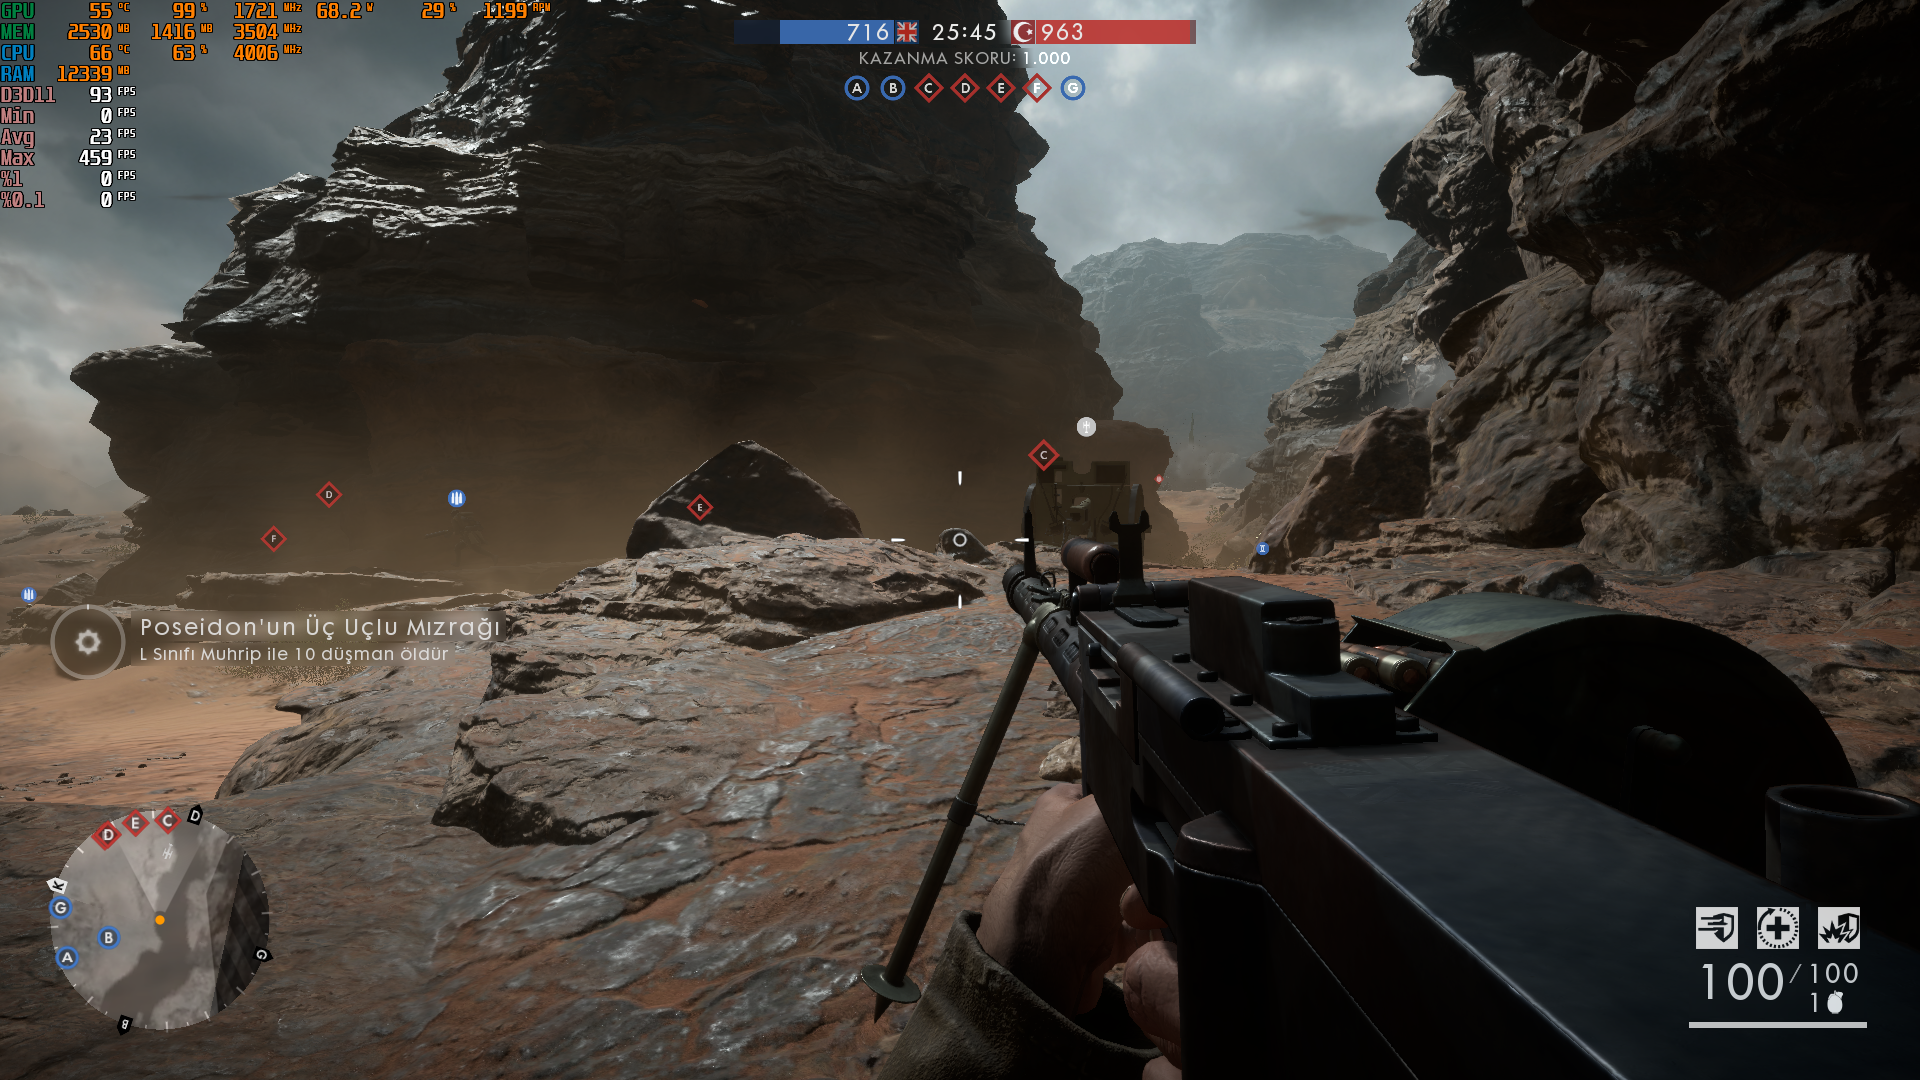 Battlefield 1 Screenshot 2021.05.06 - 13.58.20.18.png